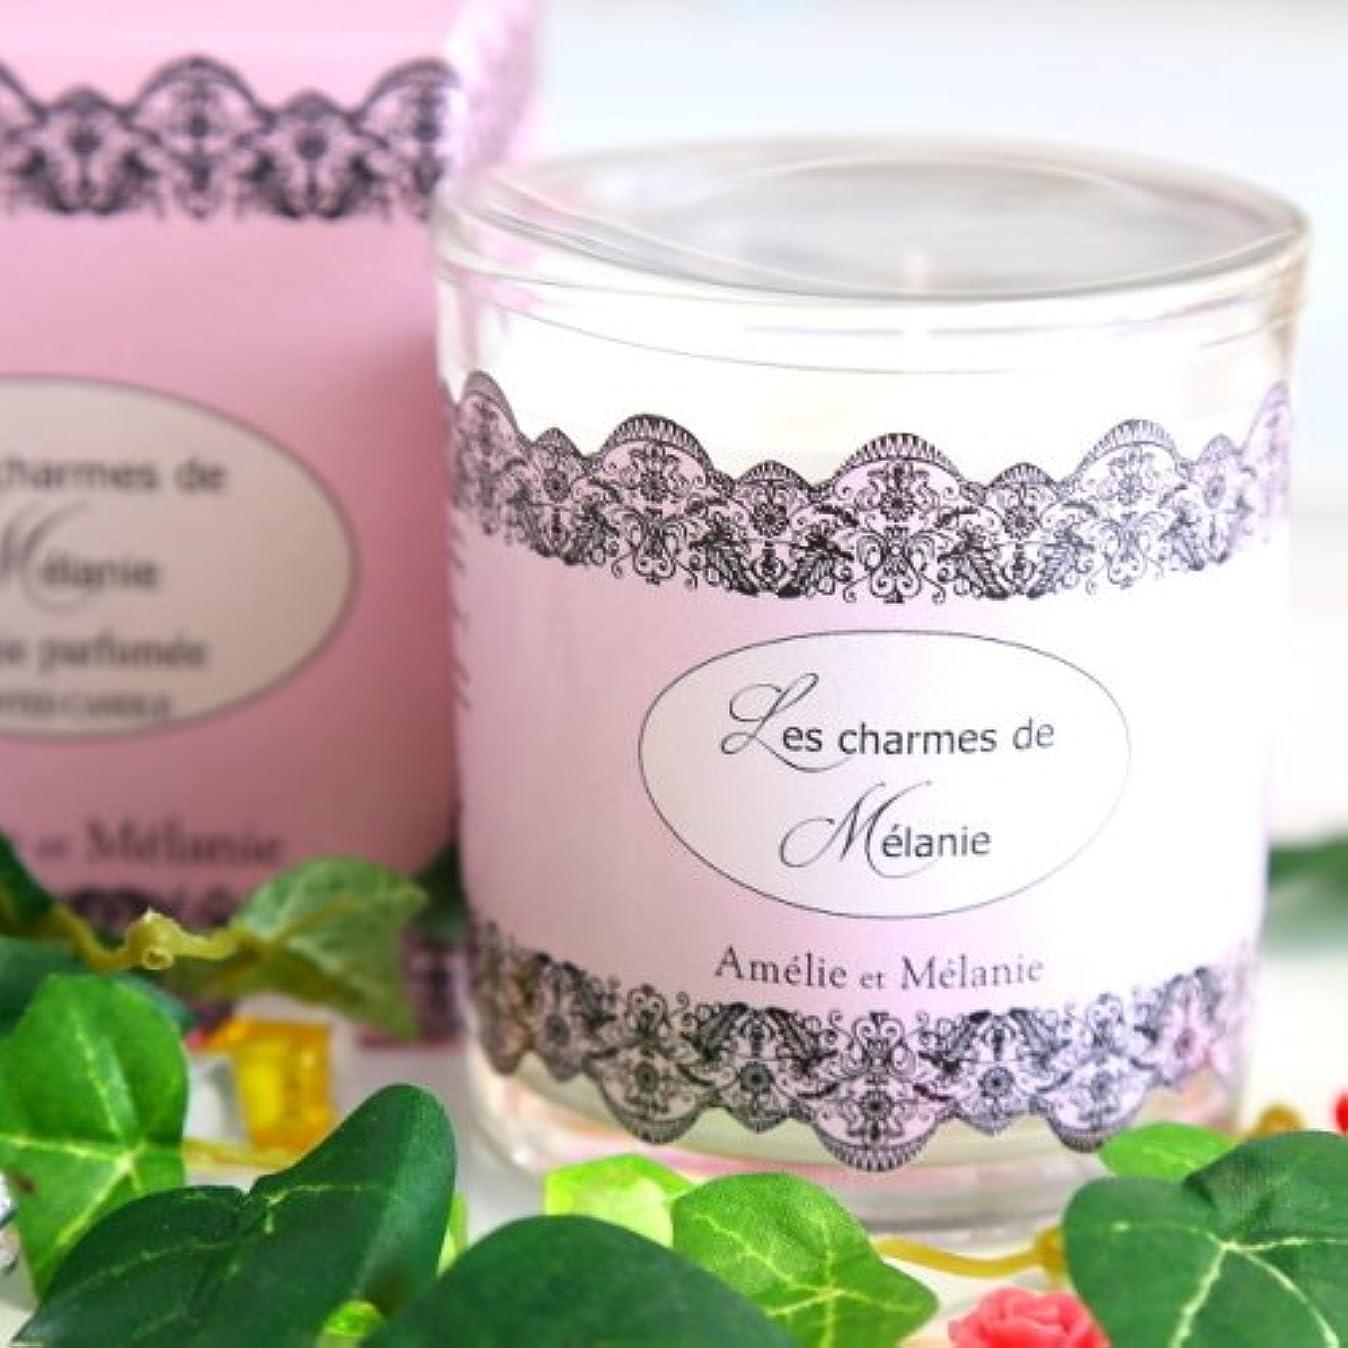 抵当おしゃれじゃないグリースアメリー&メラニー シャルムドゥメラニー グラスキャンドル 140g フレッシュフローラルな香り